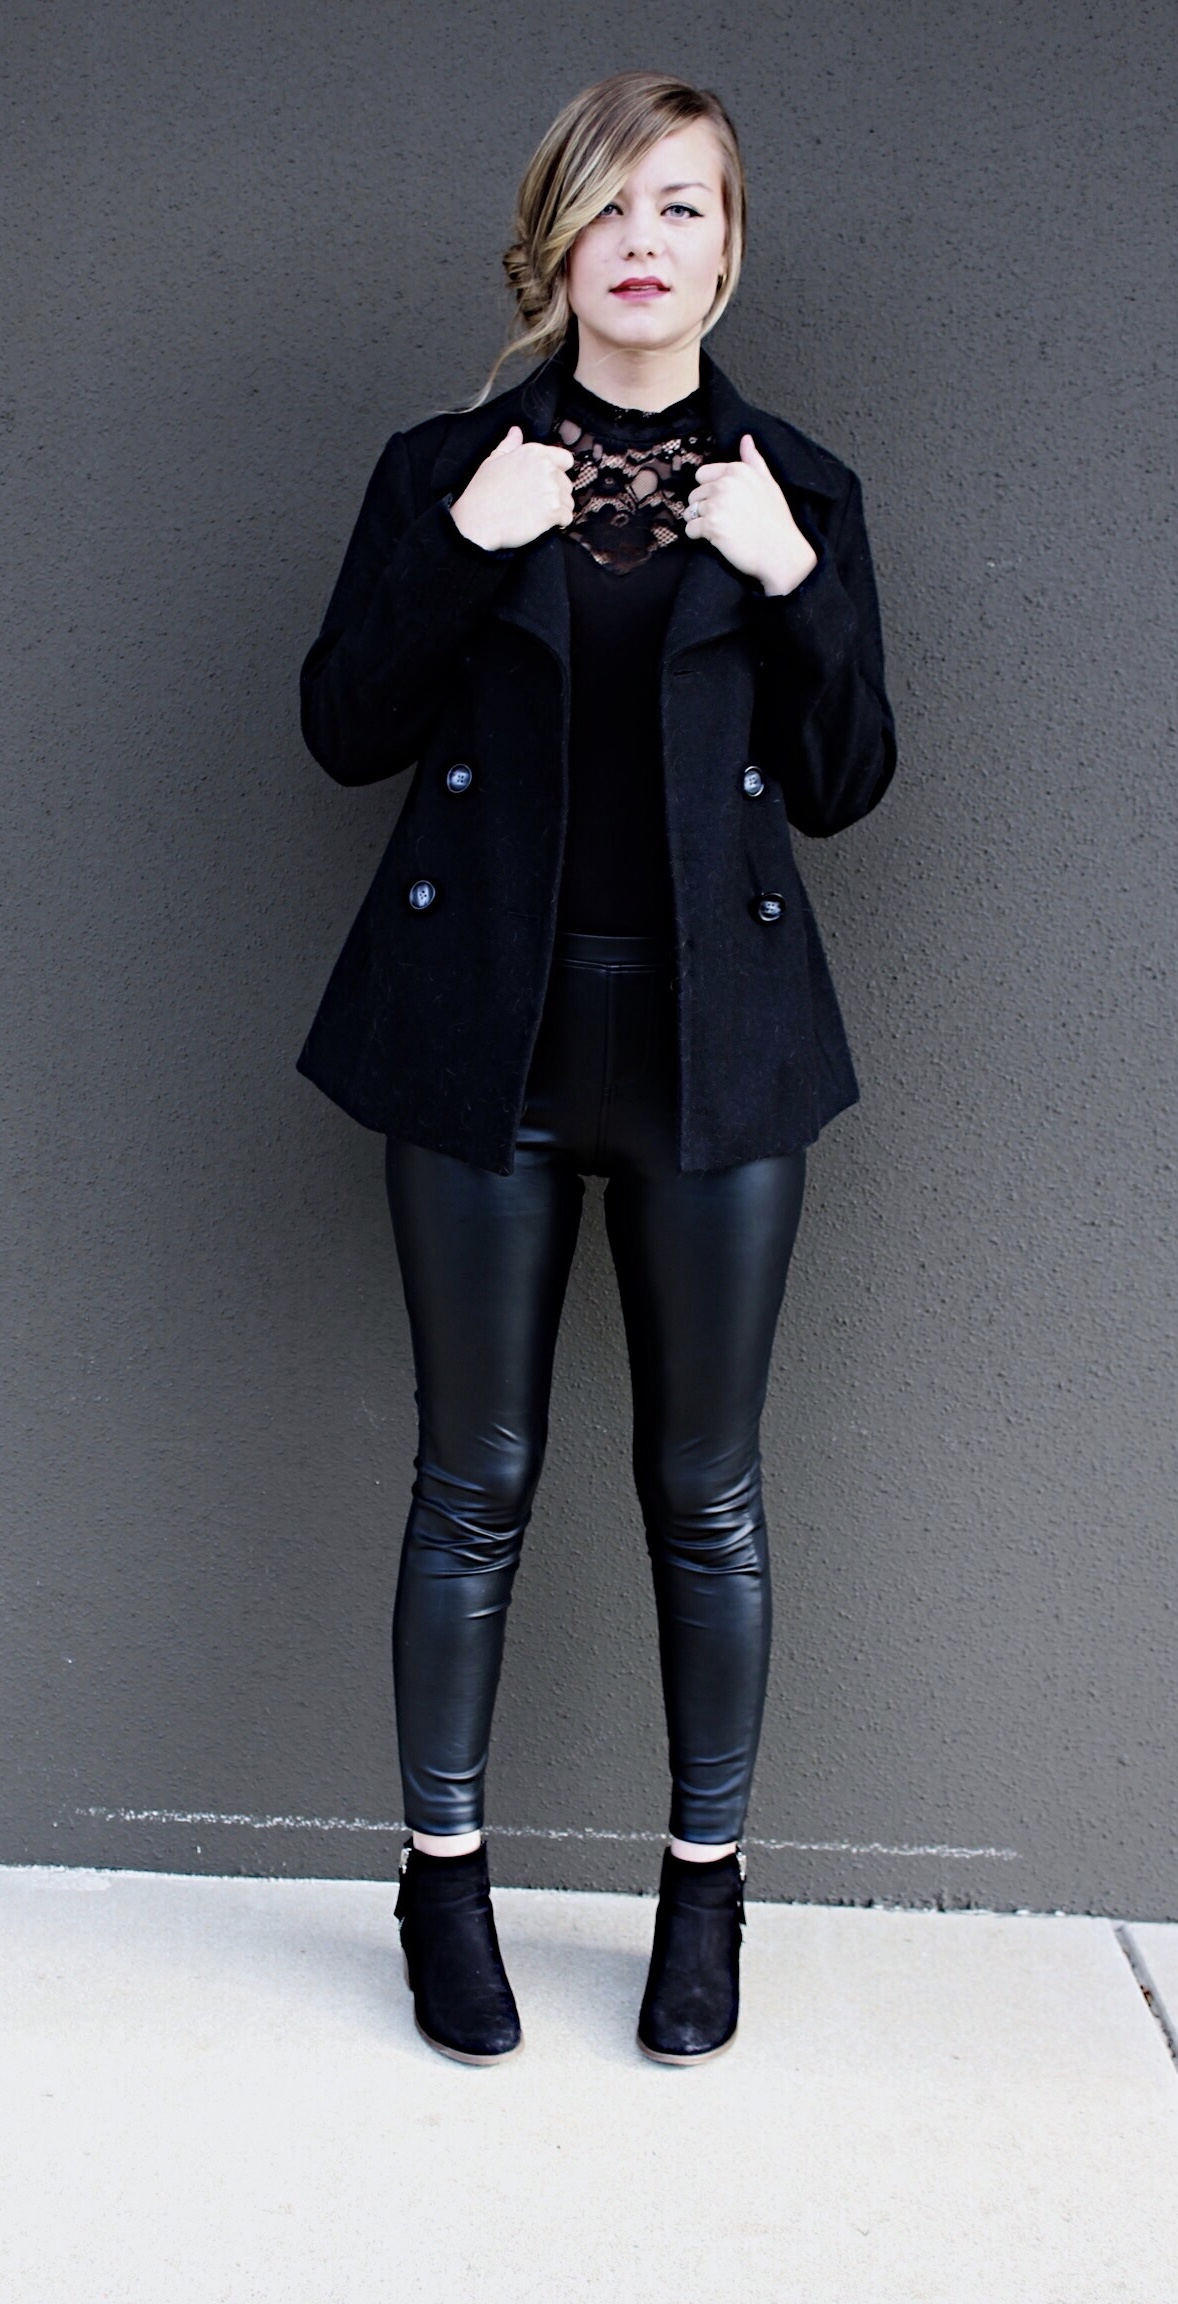 Lace Body Suit & Pleather Pants